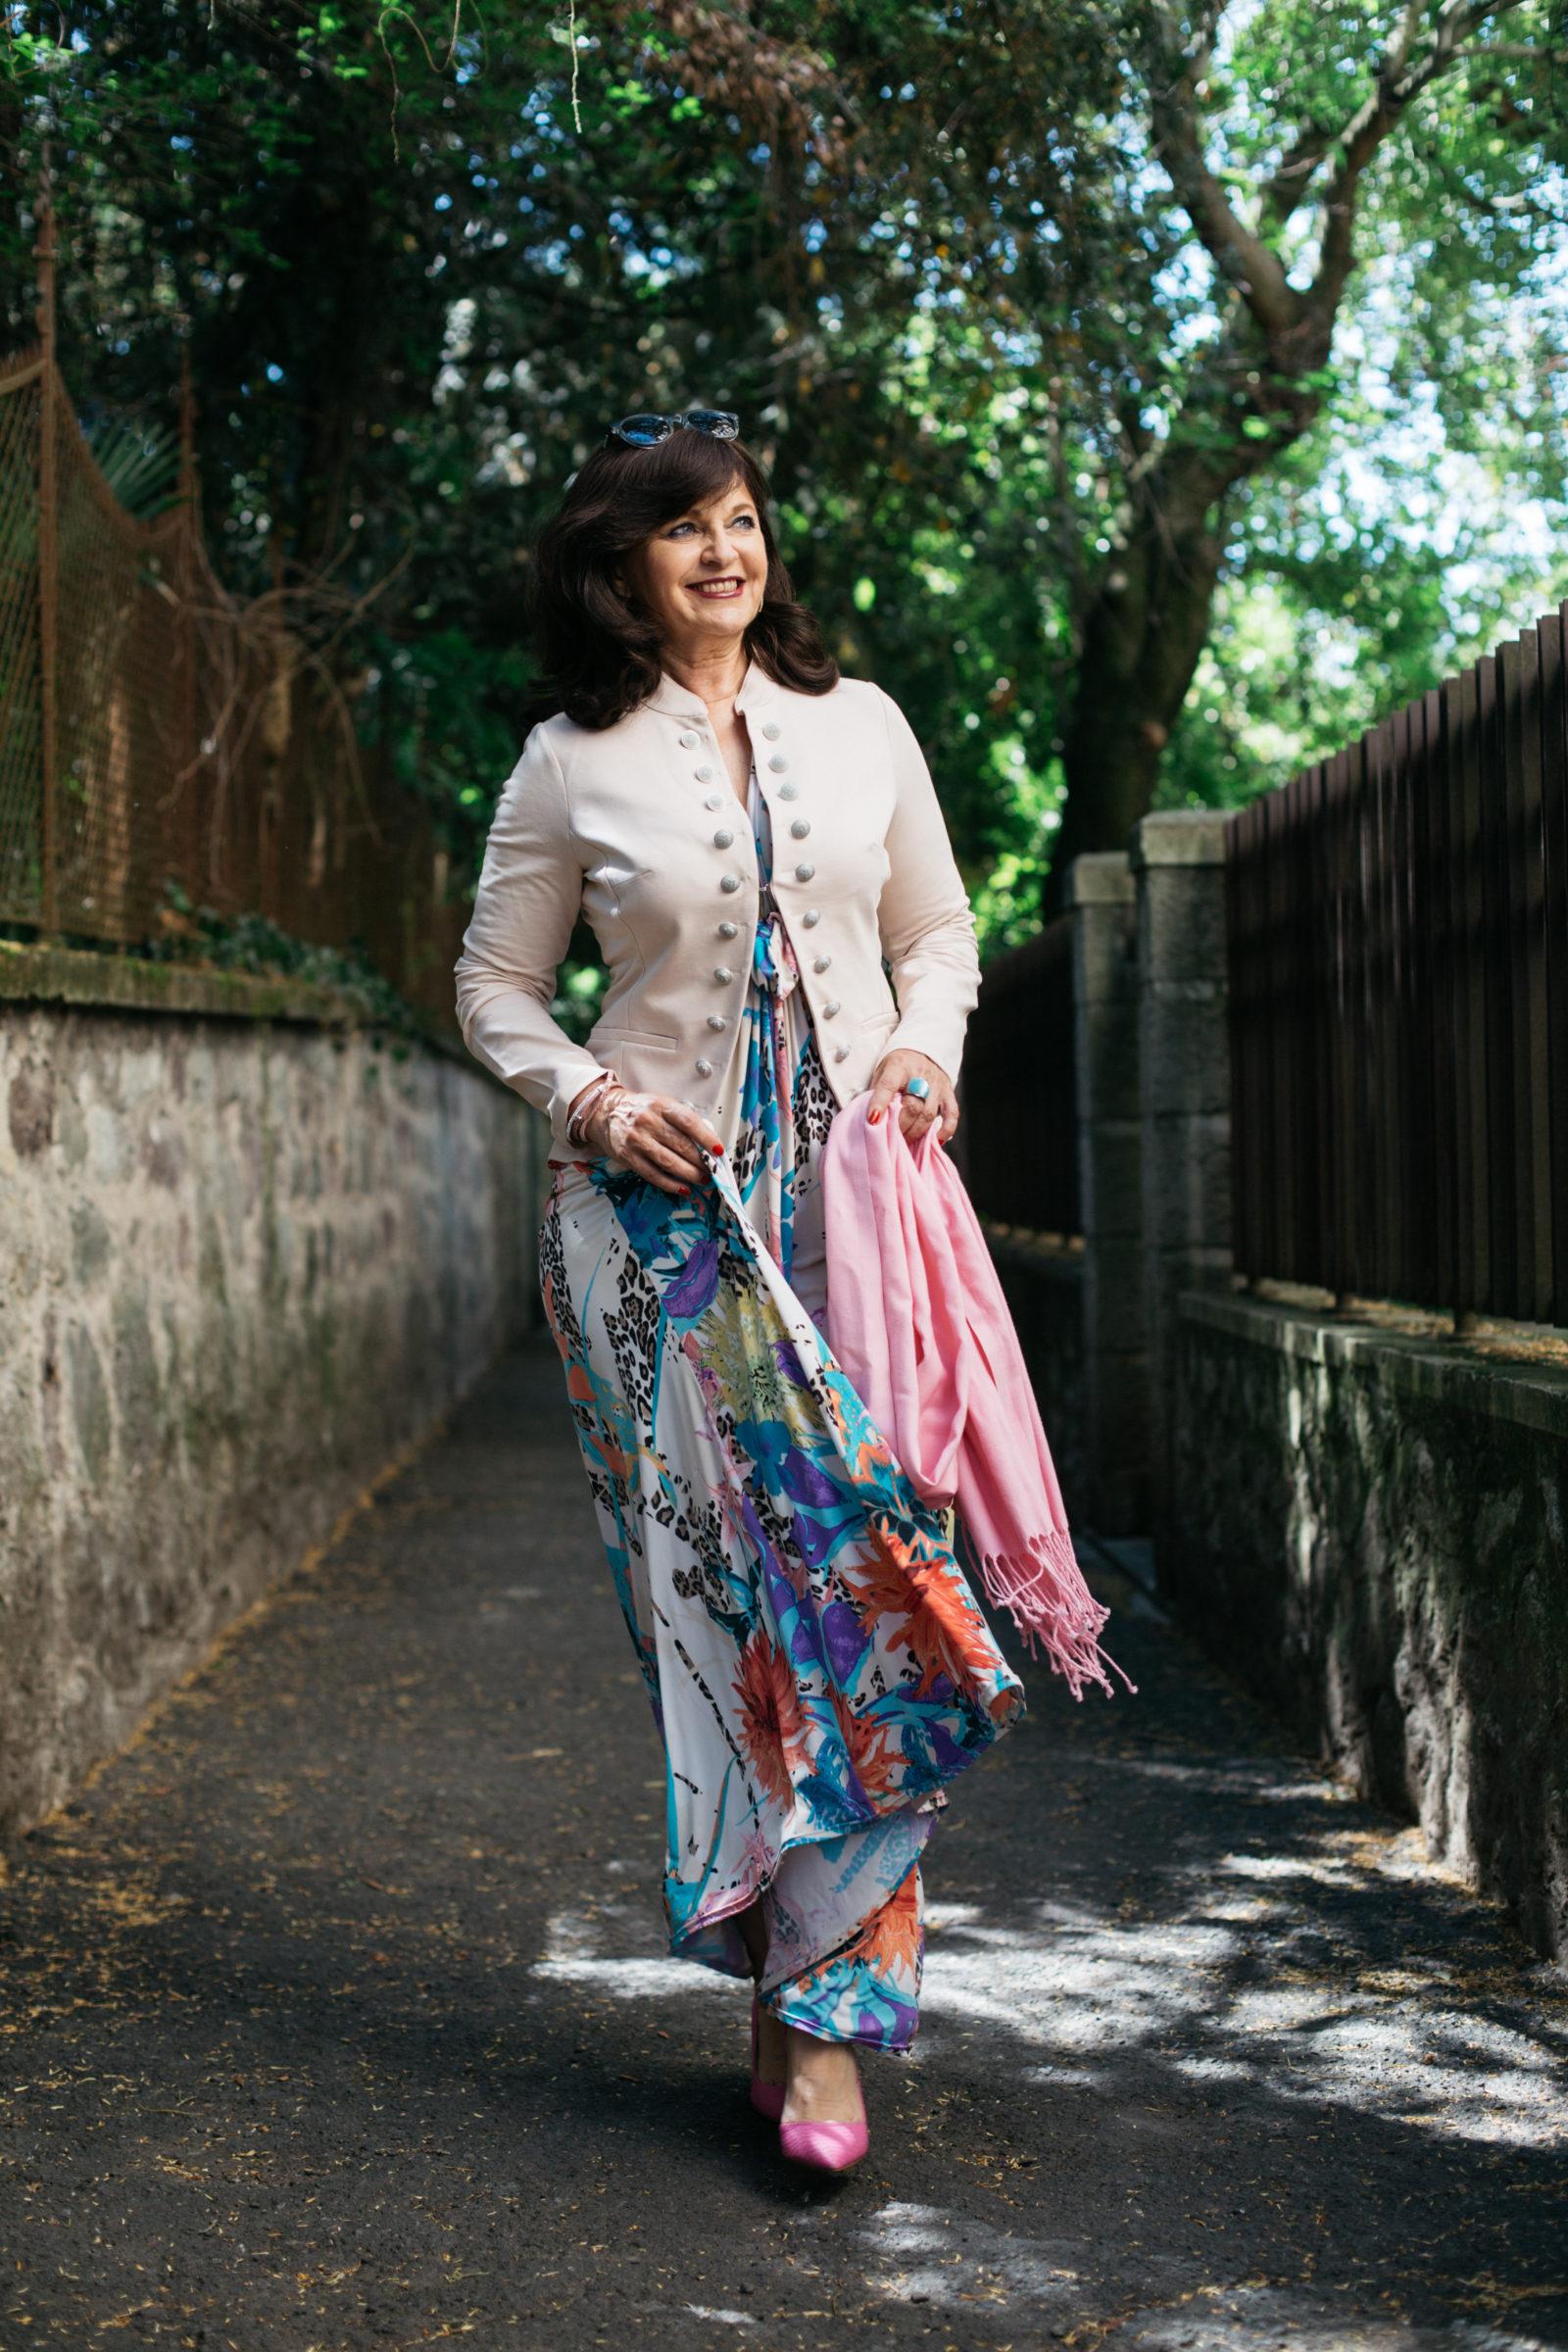 MAXIKLEID - Weiblichkeit im Sommerkleid - Martina Berg - Lady 50plus